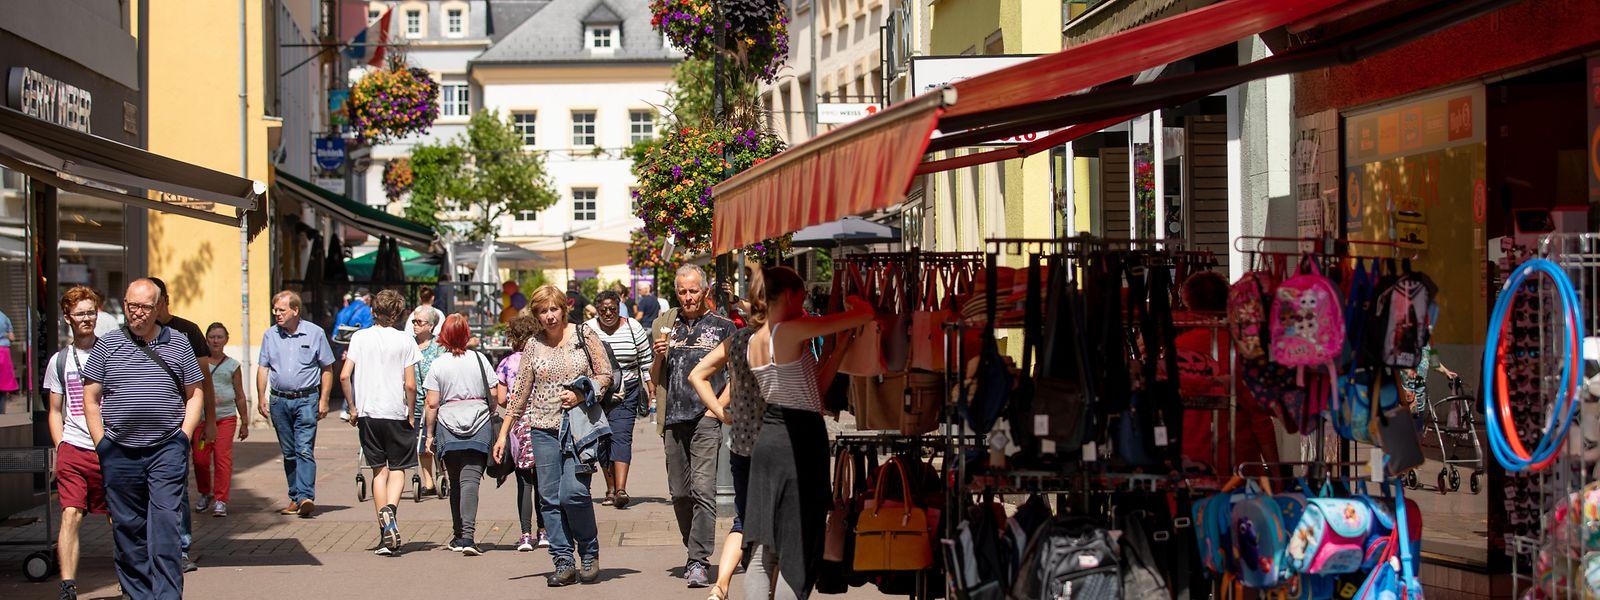 An sonnigen Tagen ist die Haupteinkaufsstraße gut von Anwohnern und Touristen besucht. Auch viele Arbeiter verbringen ihre Mittagspause auf einer der zahlreichen Terrassen.